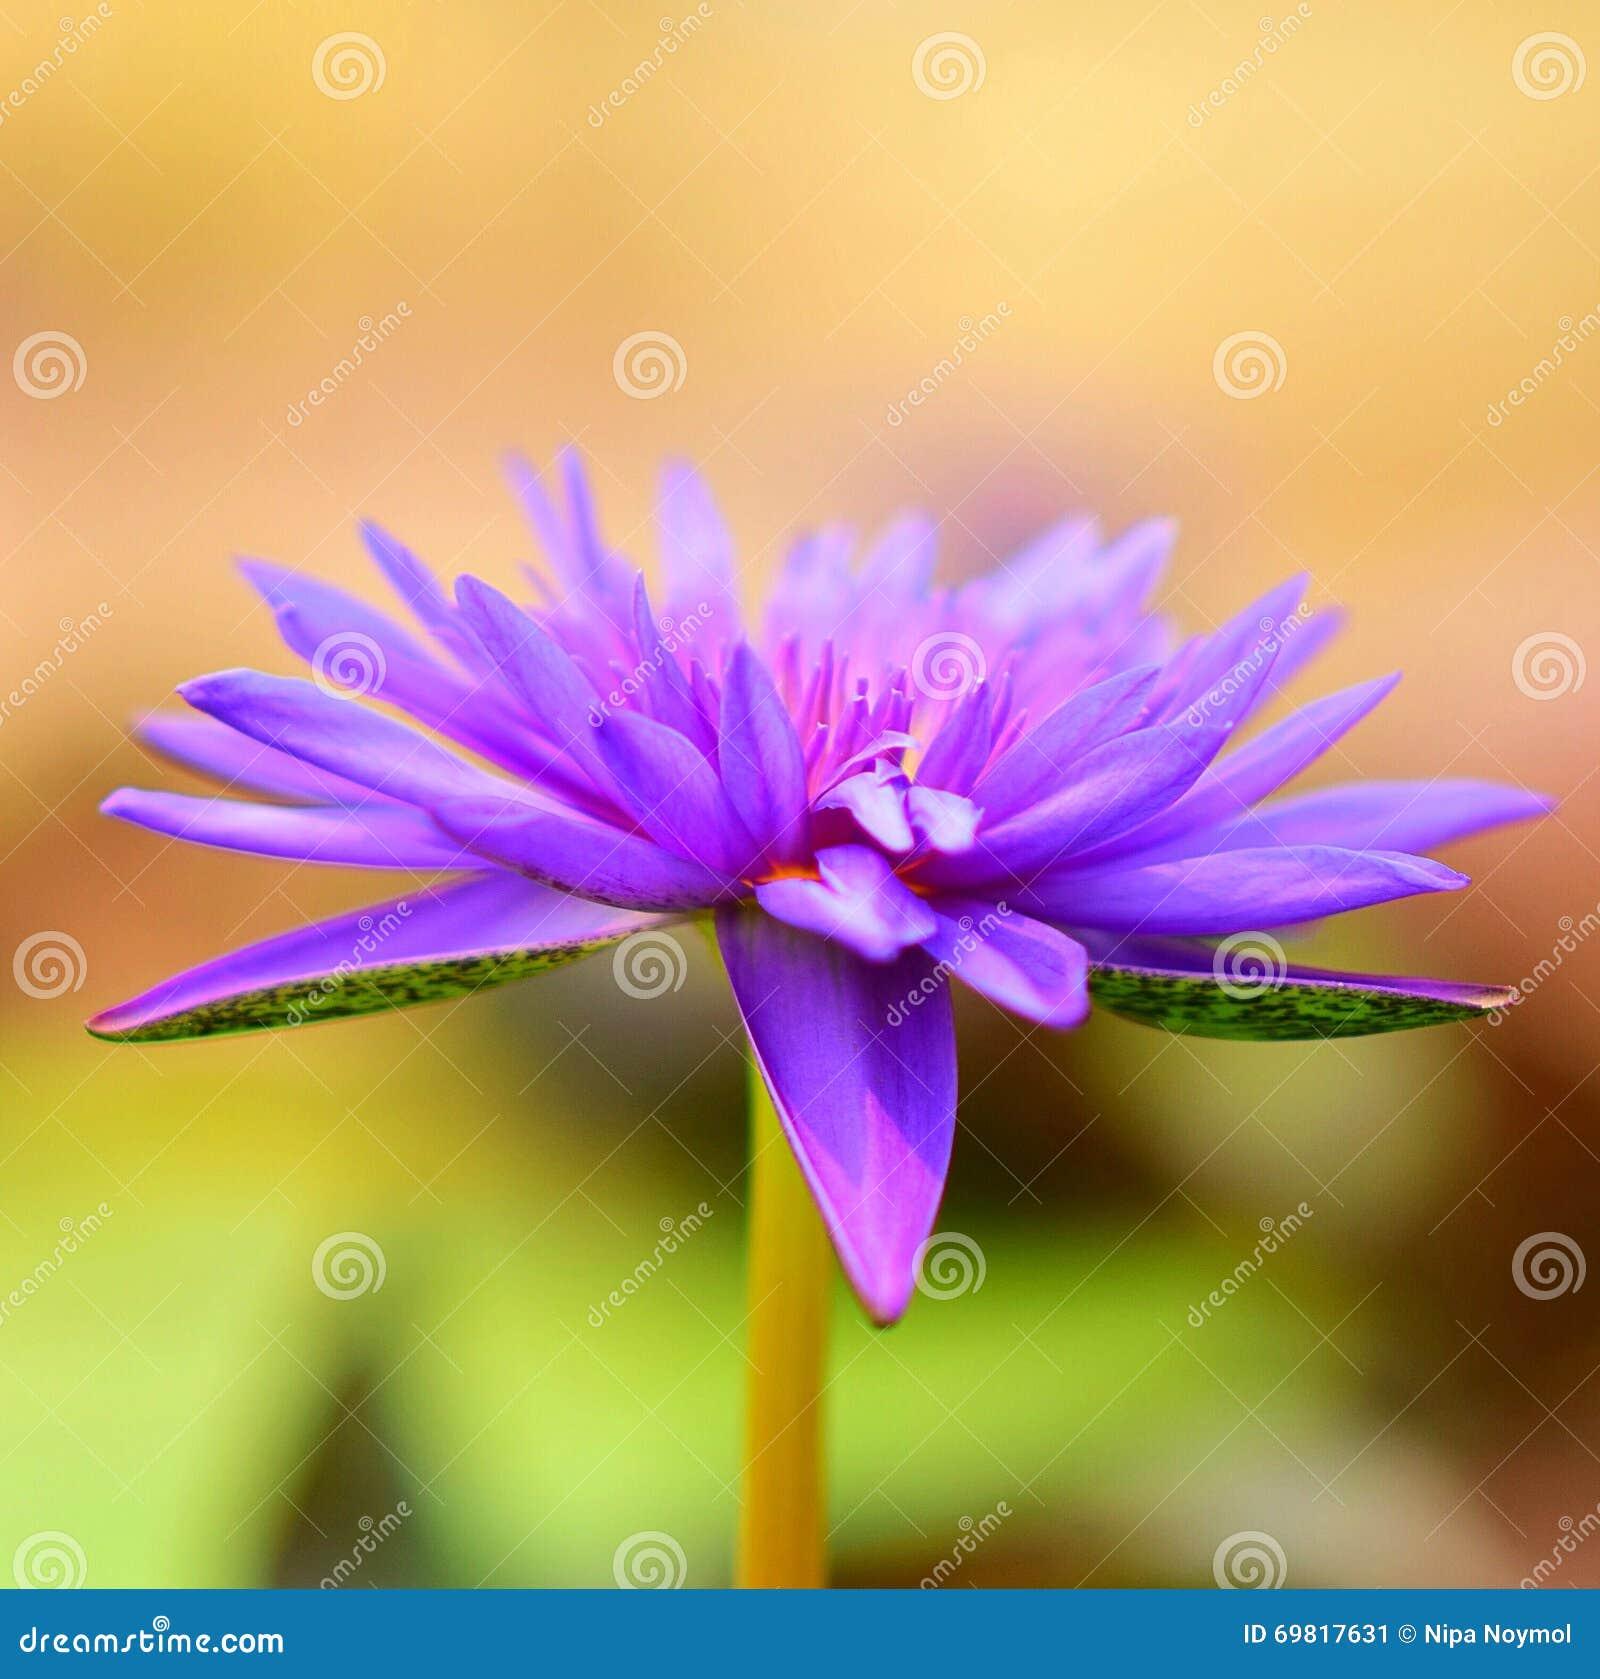 Fleur de lotus photo stock image 69817631 - Image fleur de lotus ...